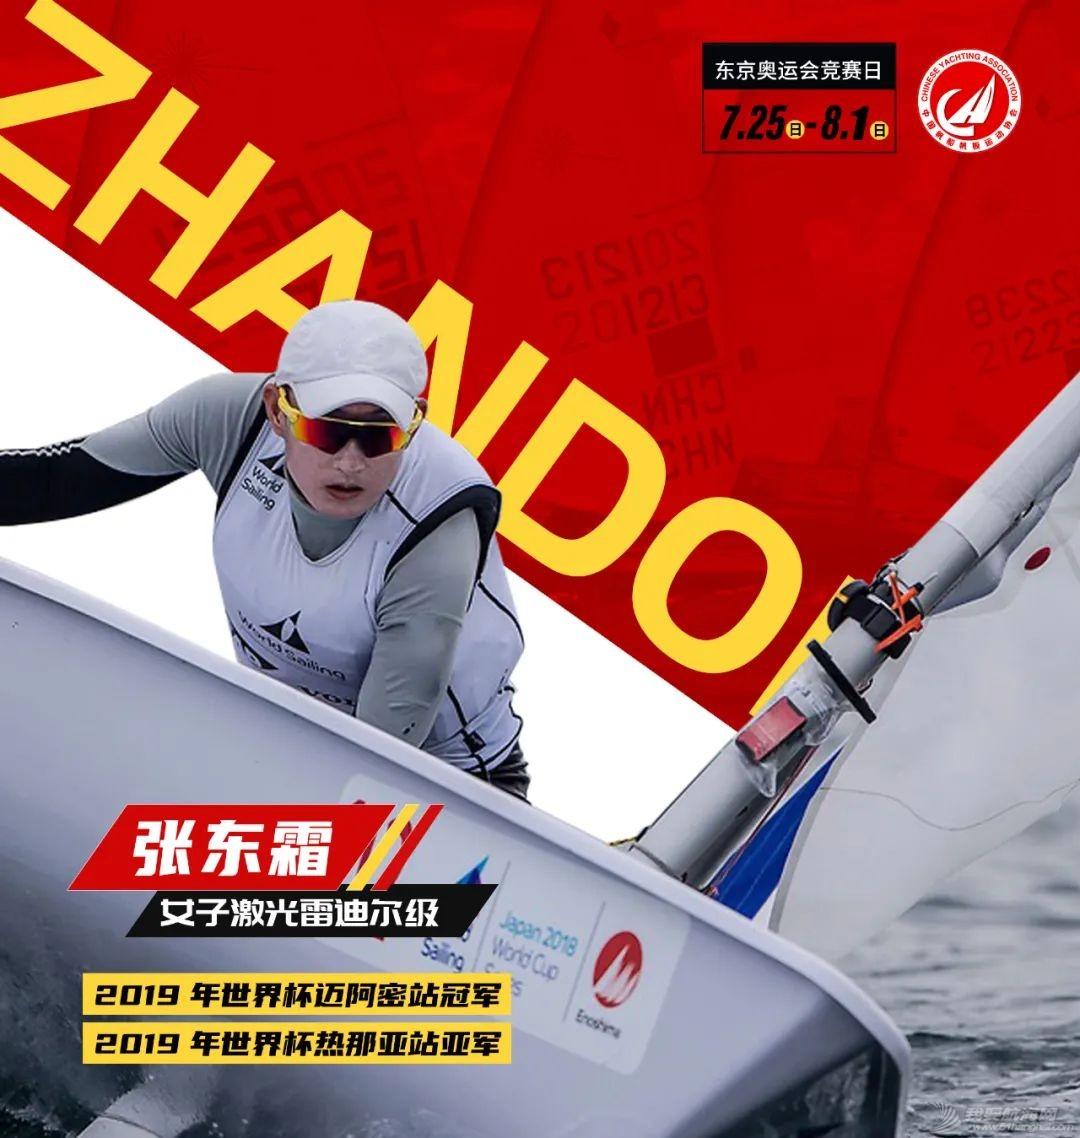 东京奥运会帆船比赛开赛在即,这份观赛指南请收好   扬帆东京-Day14w20.jpg